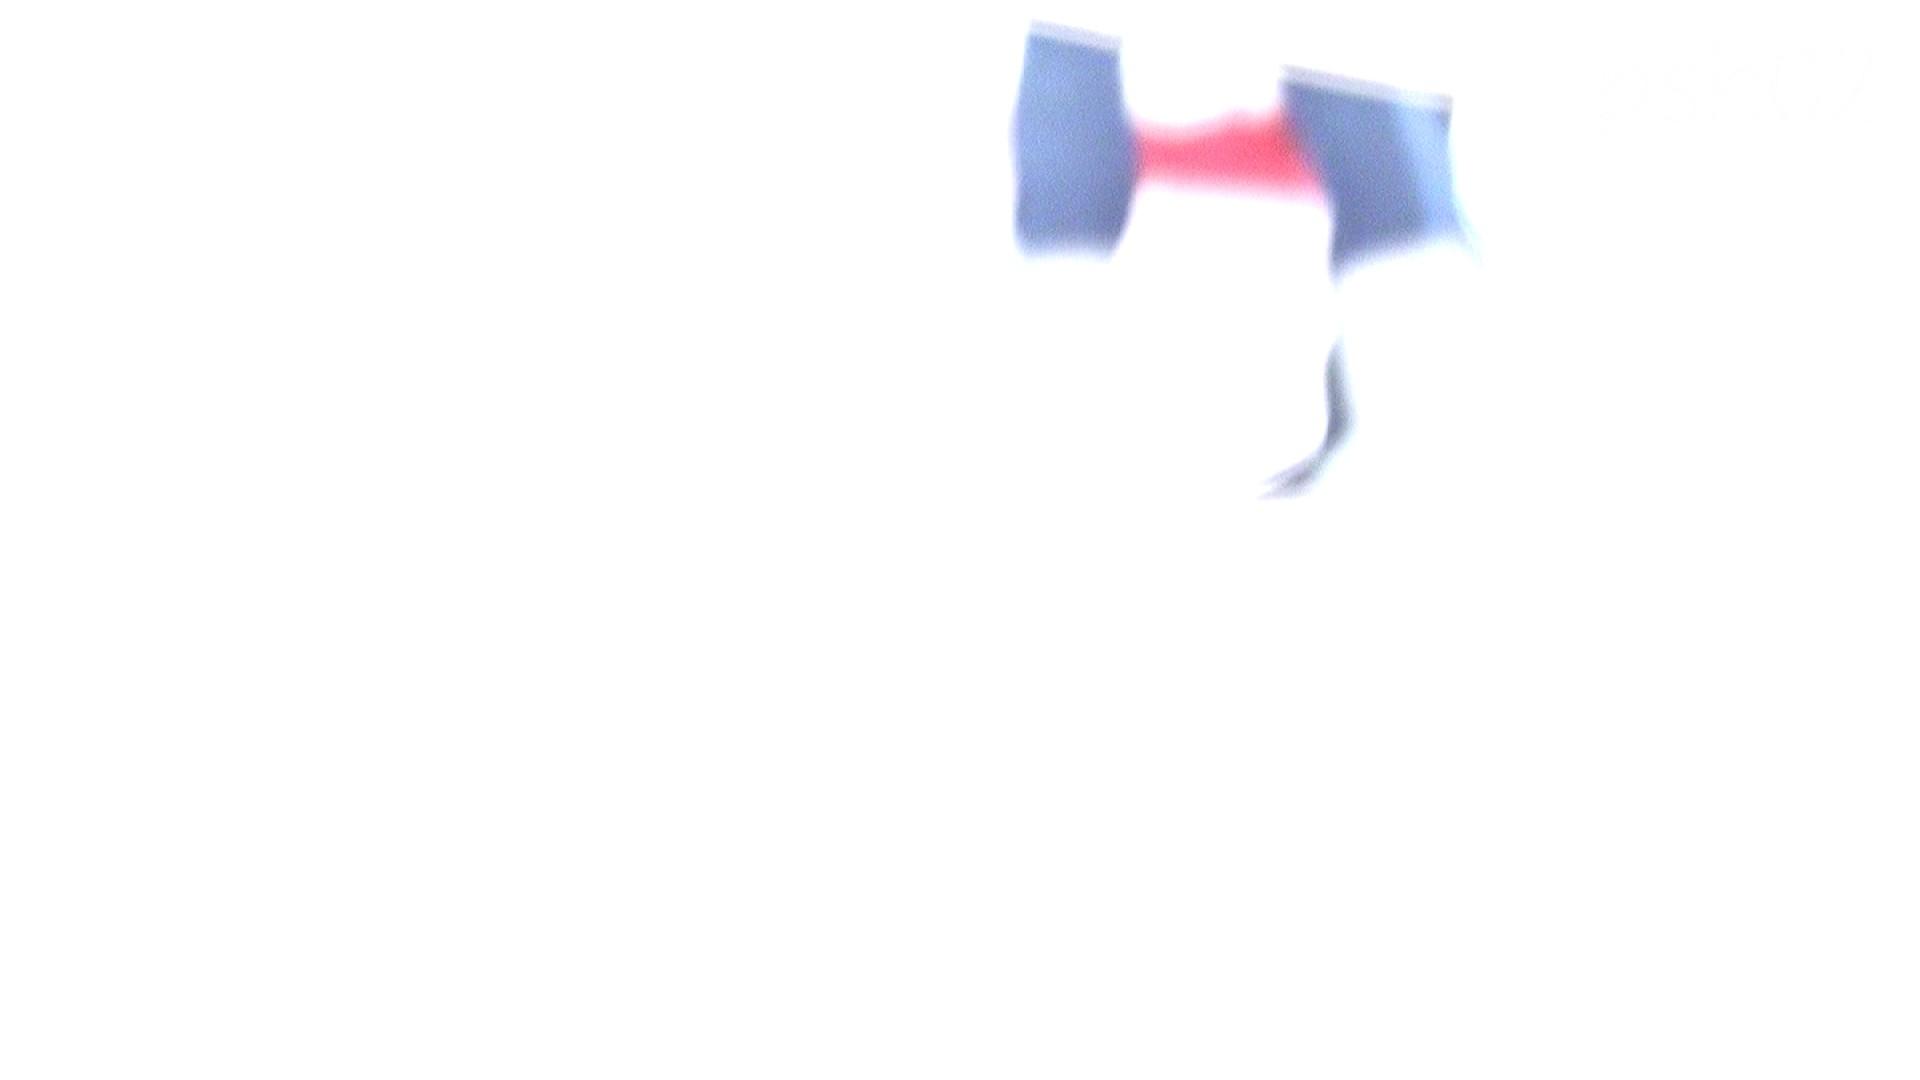 ▲復活限定▲ハイビジョン 盗神伝 Vol.2 期間限定動画 エロ無料画像 77枚 69